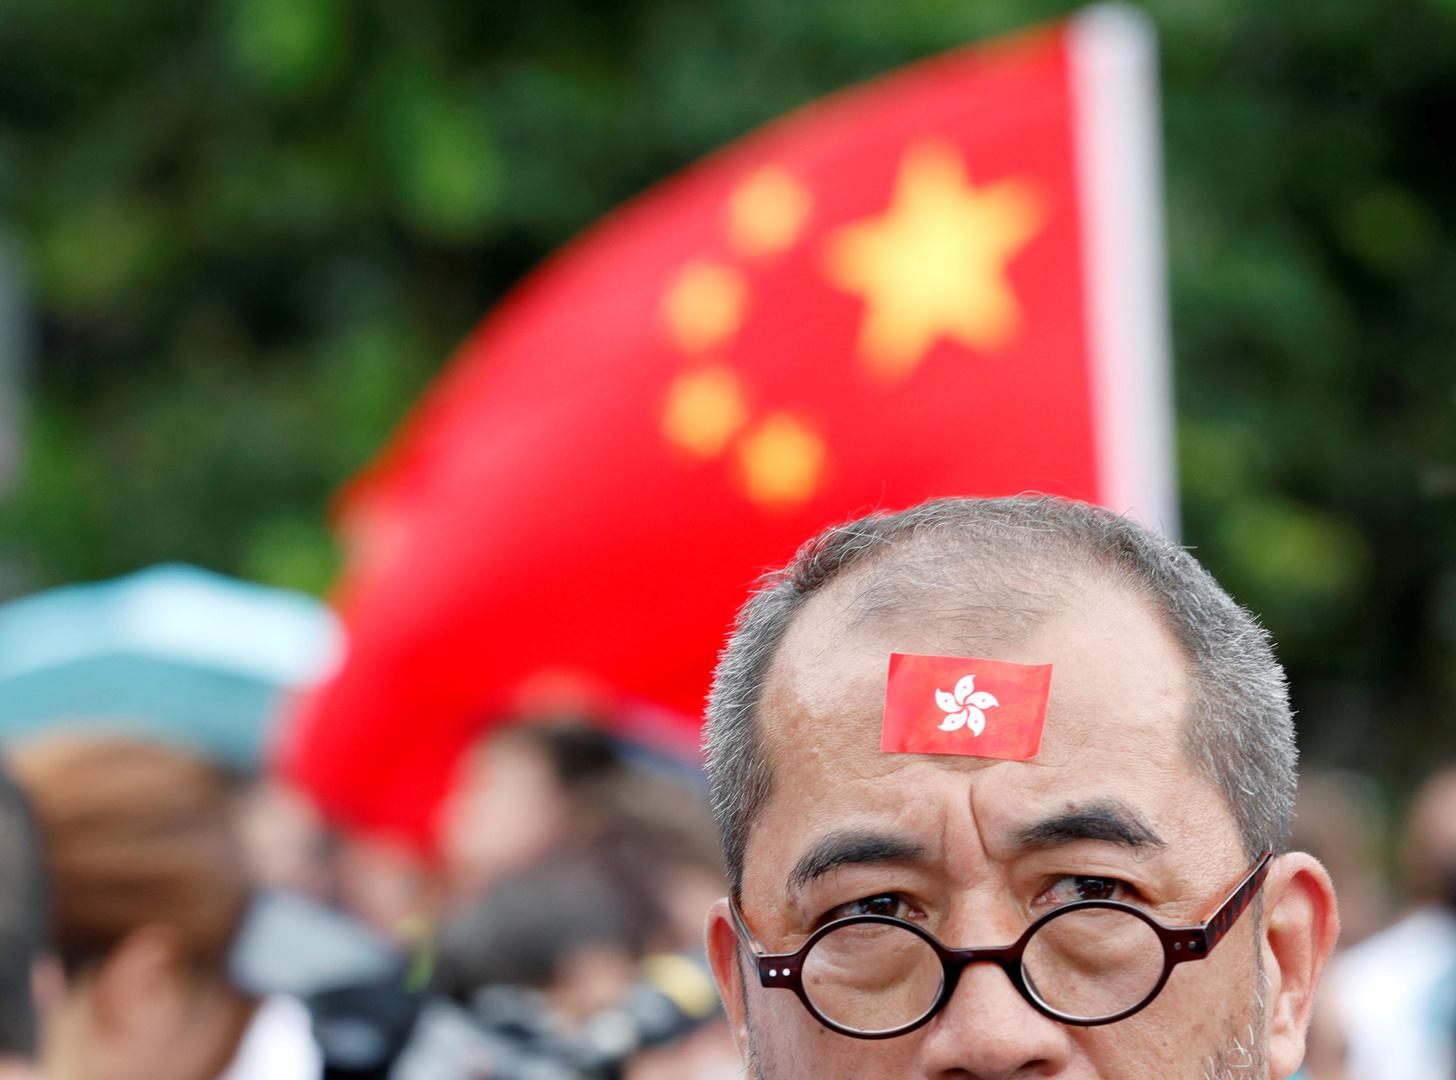 مظاهرة مؤيدة لحكومة الصين في هونغ كونغ